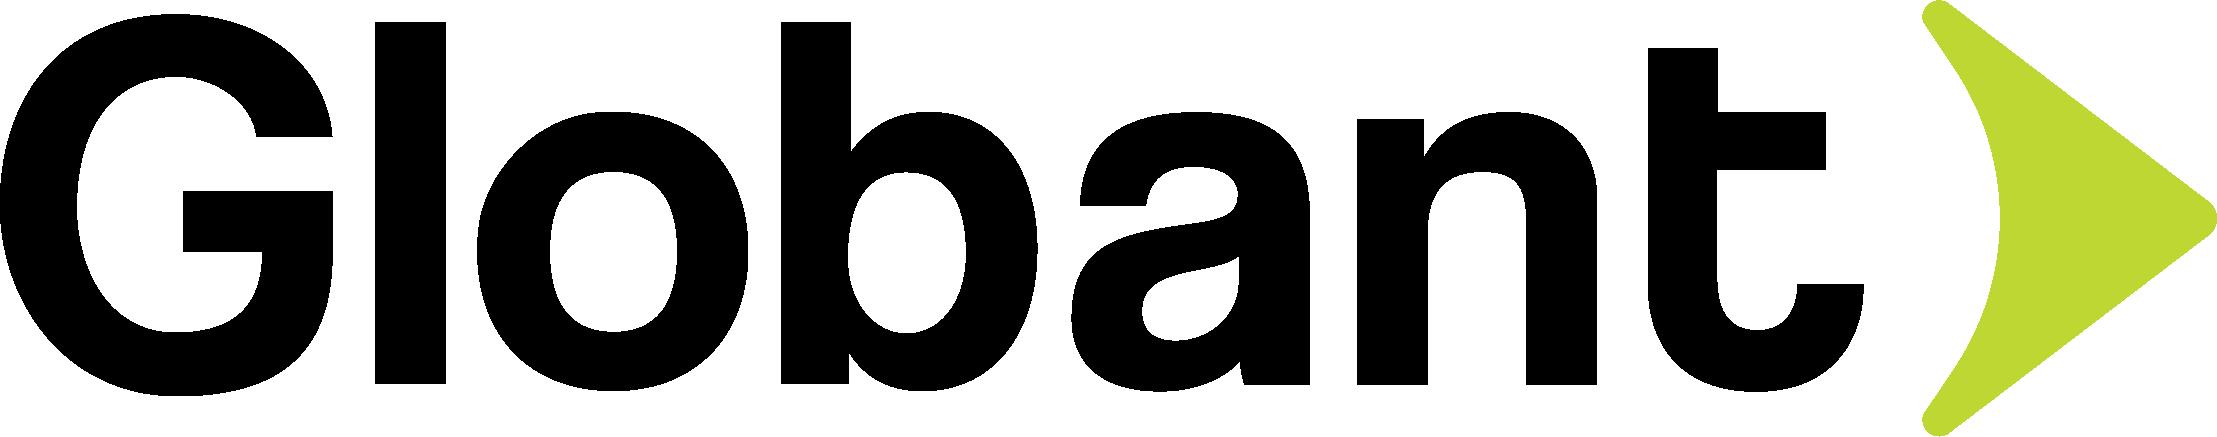 """Logotipo da Globant. Trata-se de um logo com a palavra """"Globant"""" em preto. No final, do lado direito, tem uma seta verde."""